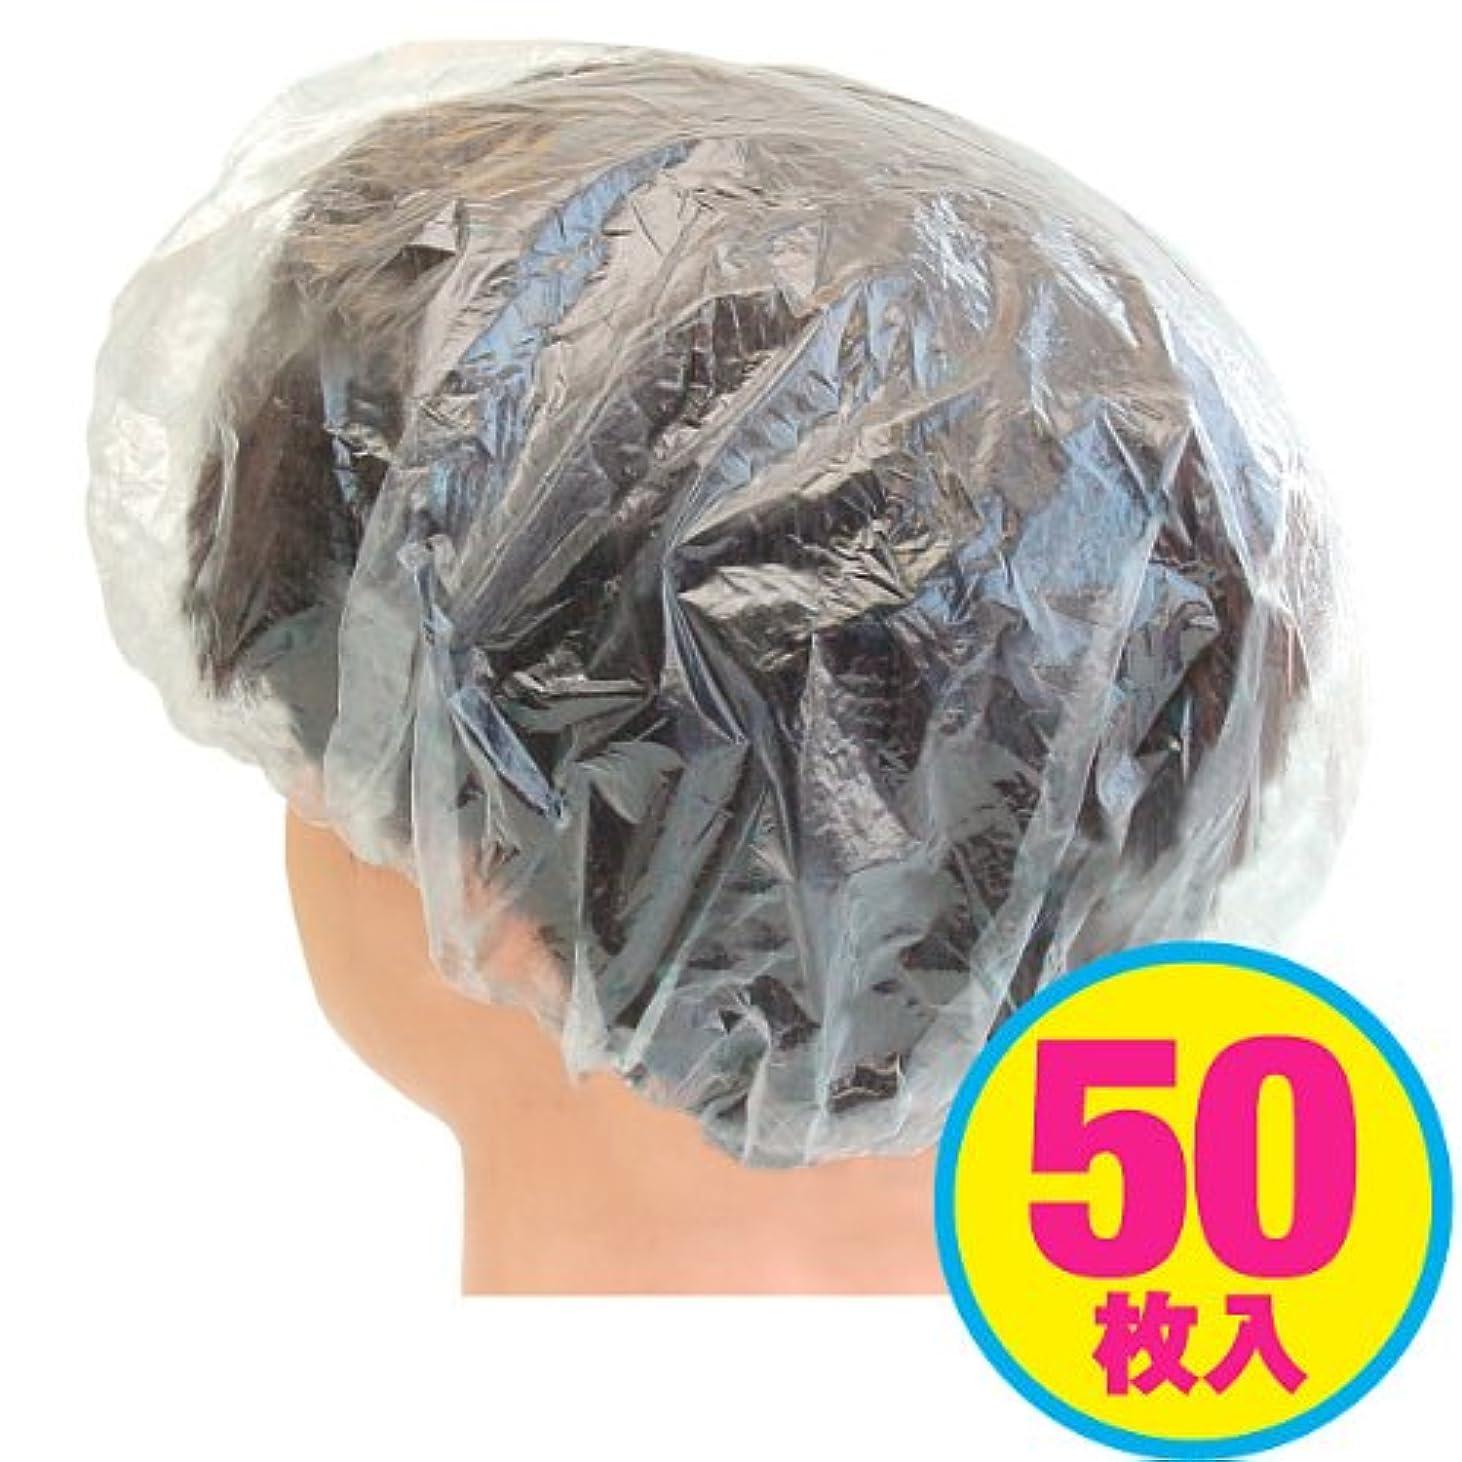 群れコストモック使い捨て【シャワーキャップ】業務用50枚入 ビニール製(個包装なので旅行用や、髪染めの際にも)